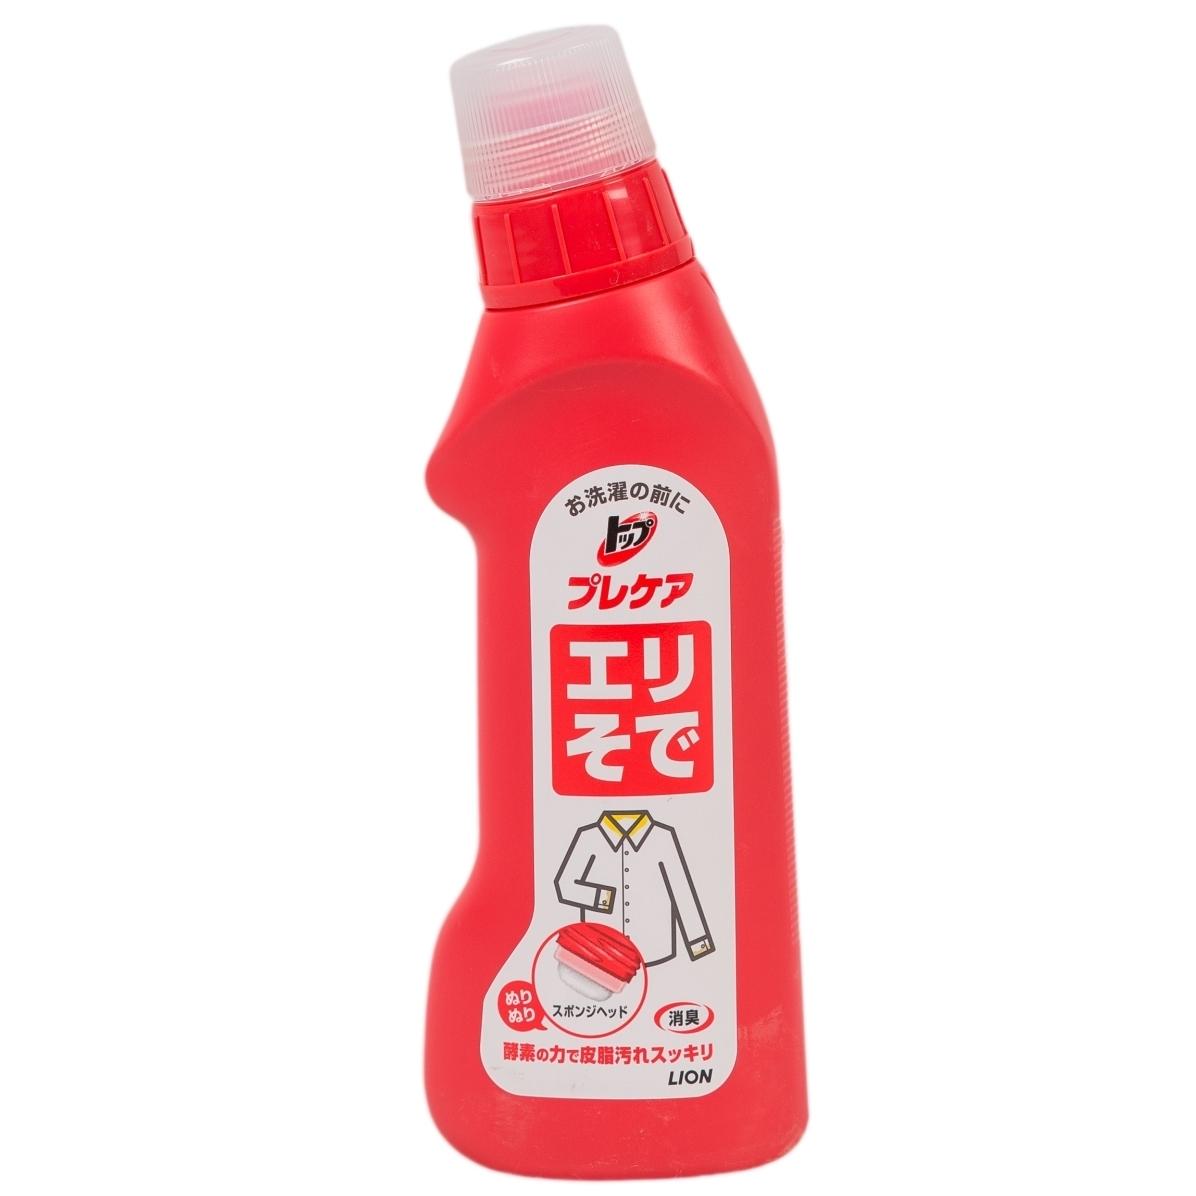 Жидкое средство для стирки Lion ТОР 250 мл. Для удаления пятен с воротничков и манжет<br>